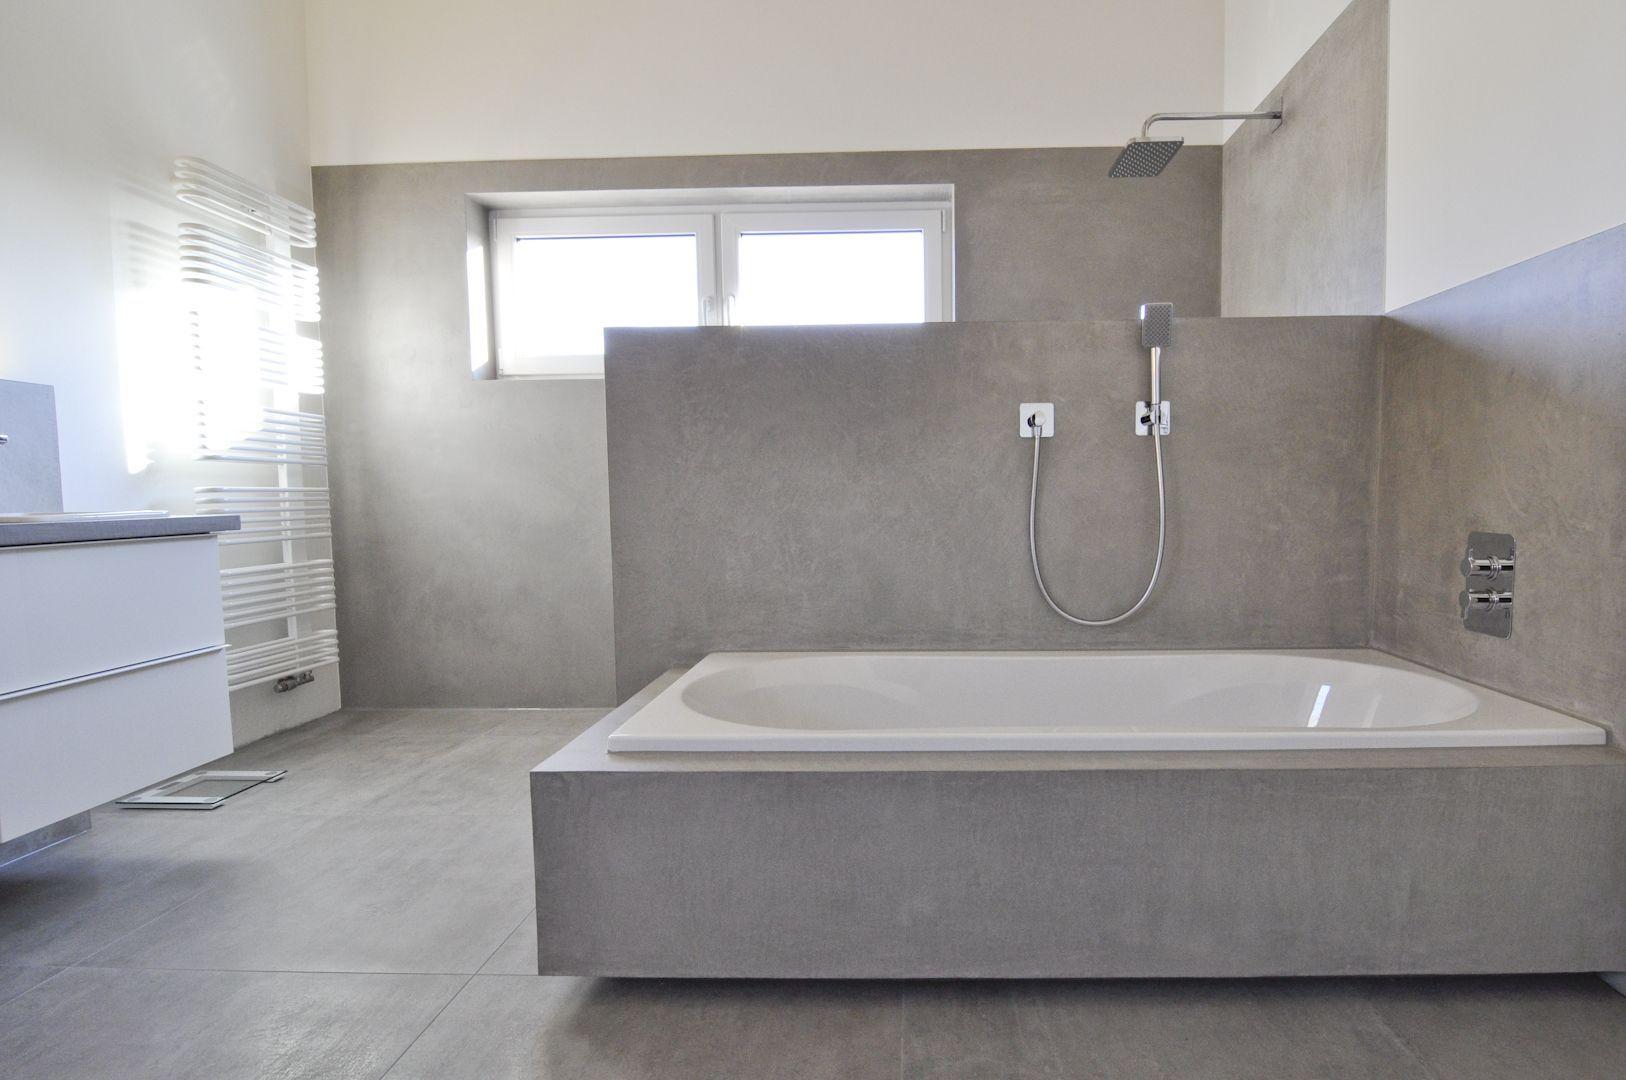 Badezimmer Fliesen Versiegeln Concrete Bathroom Bathroom Design Modern Bathroom